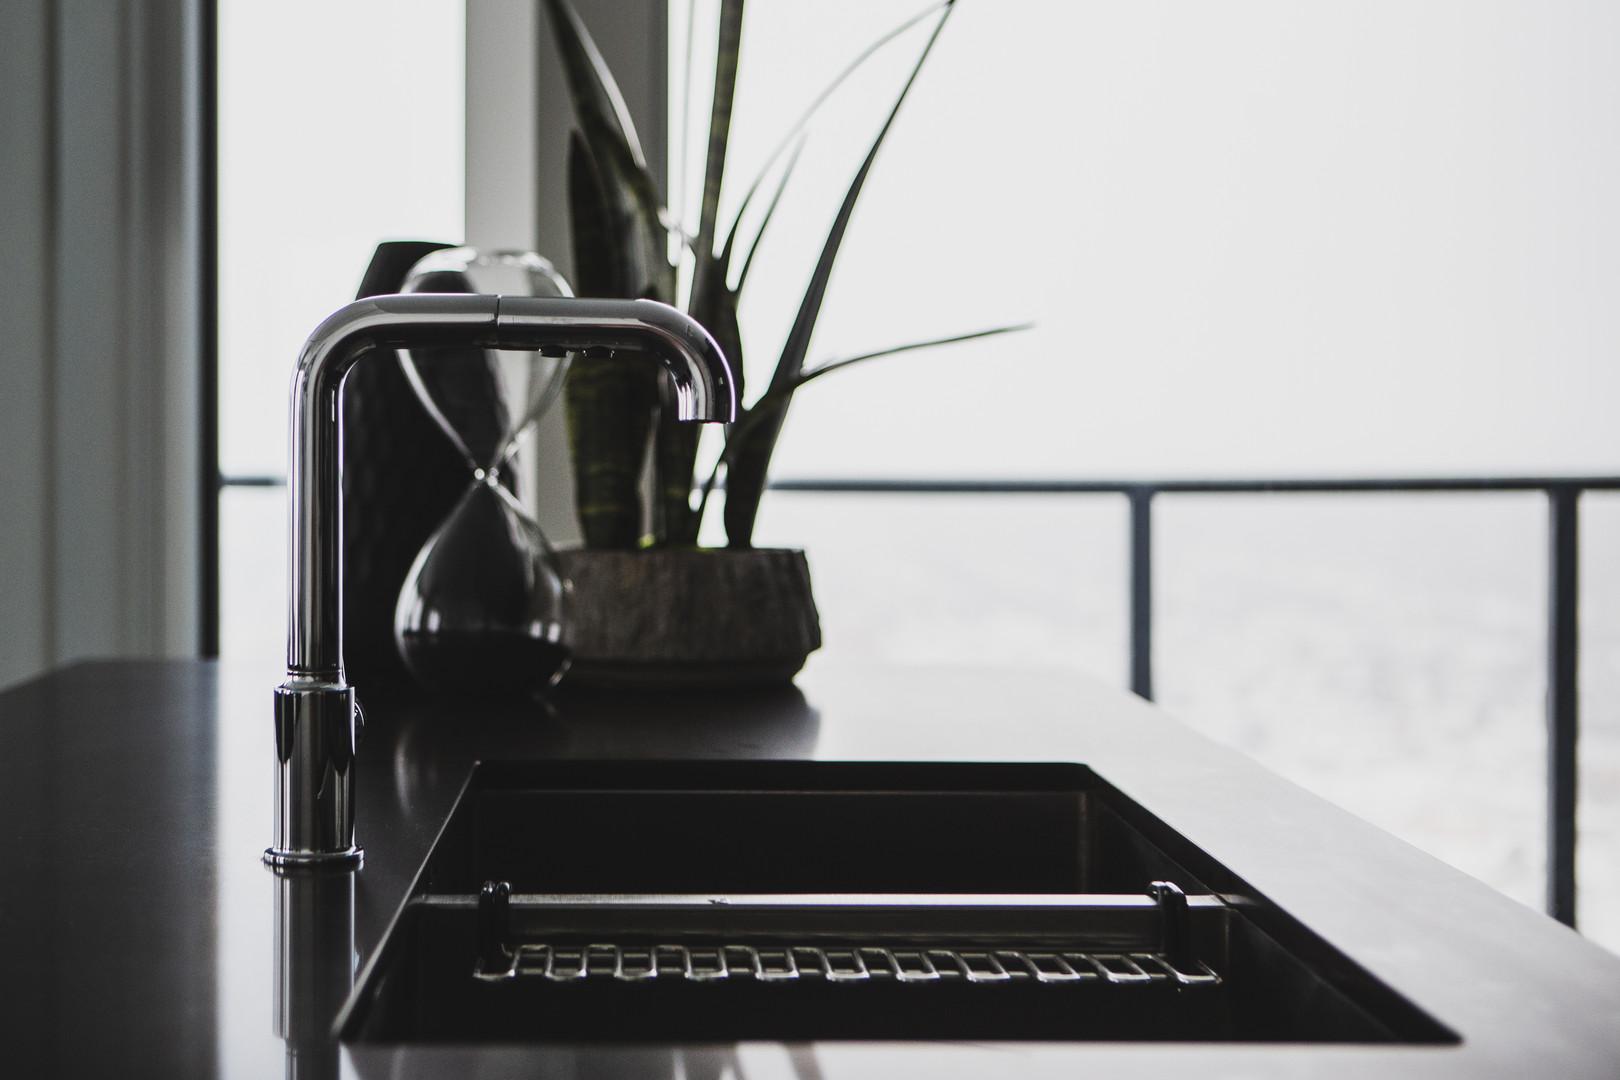 Kitchen Sink & Tap